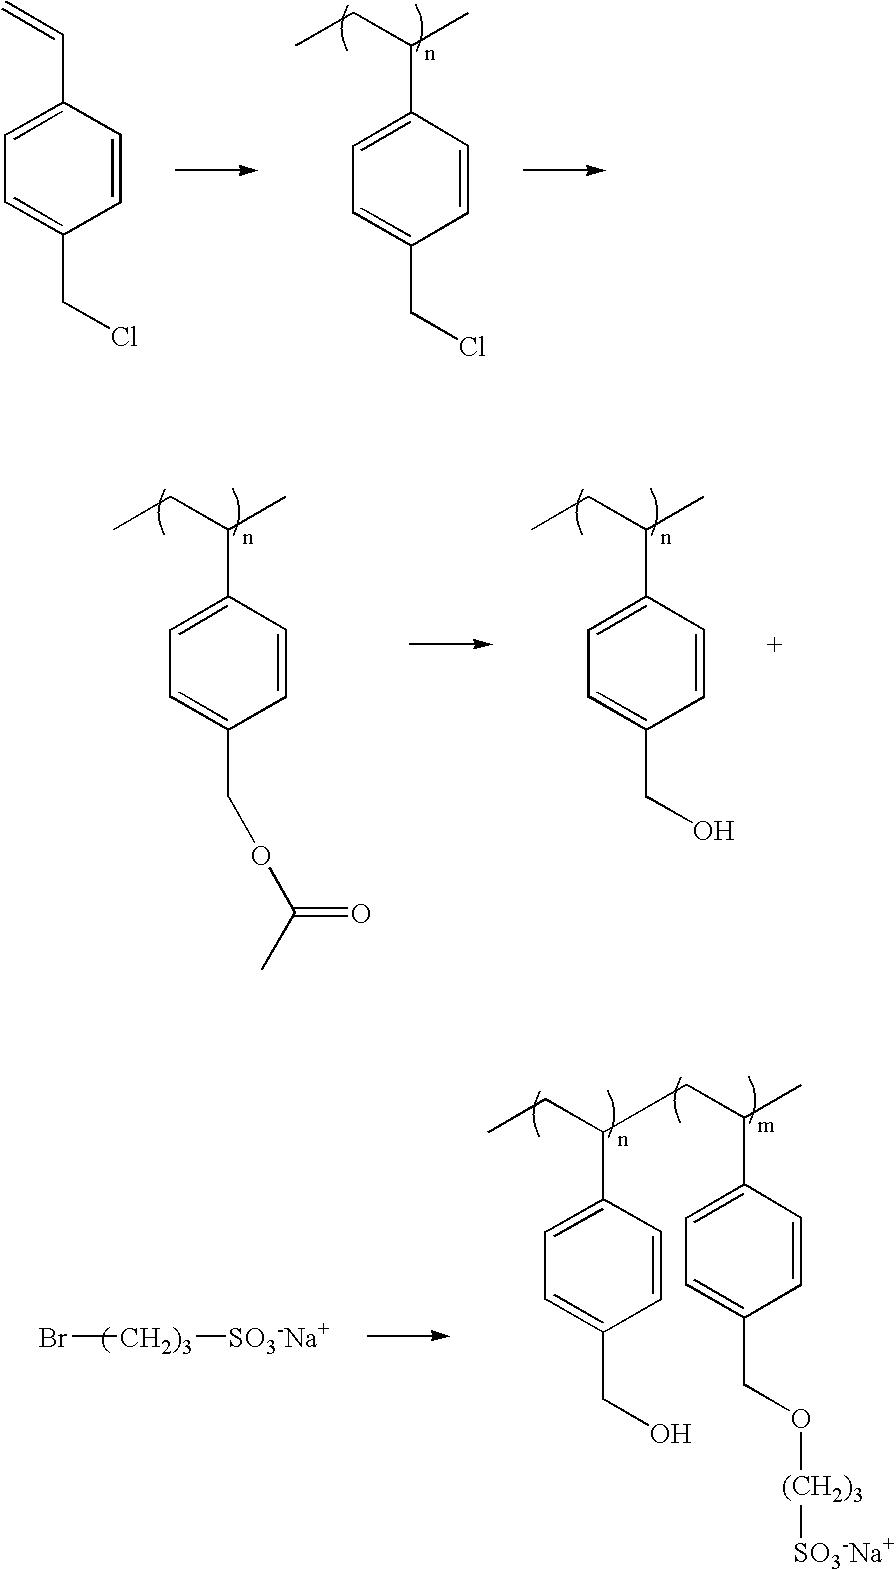 Figure US20060269815A1-20061130-C00017